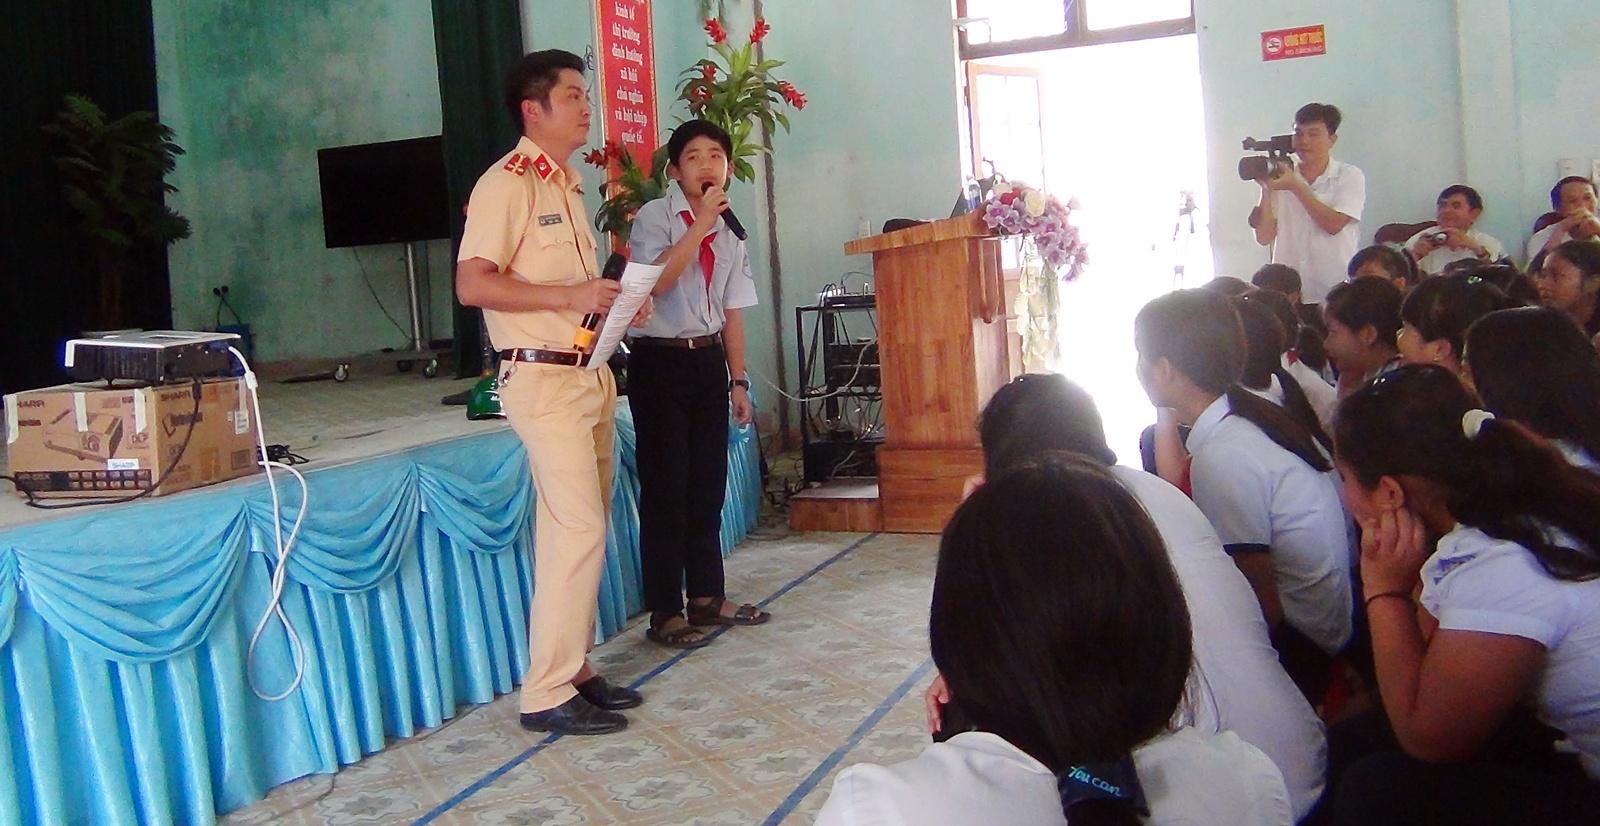 Buổi tuyên truyền đã tạo được hiệu ứng tích cực đối với các học sinh trường Phổ thông dân tộc nội trú huyện Nam Giang. Ảnh: CSGT cung cấp